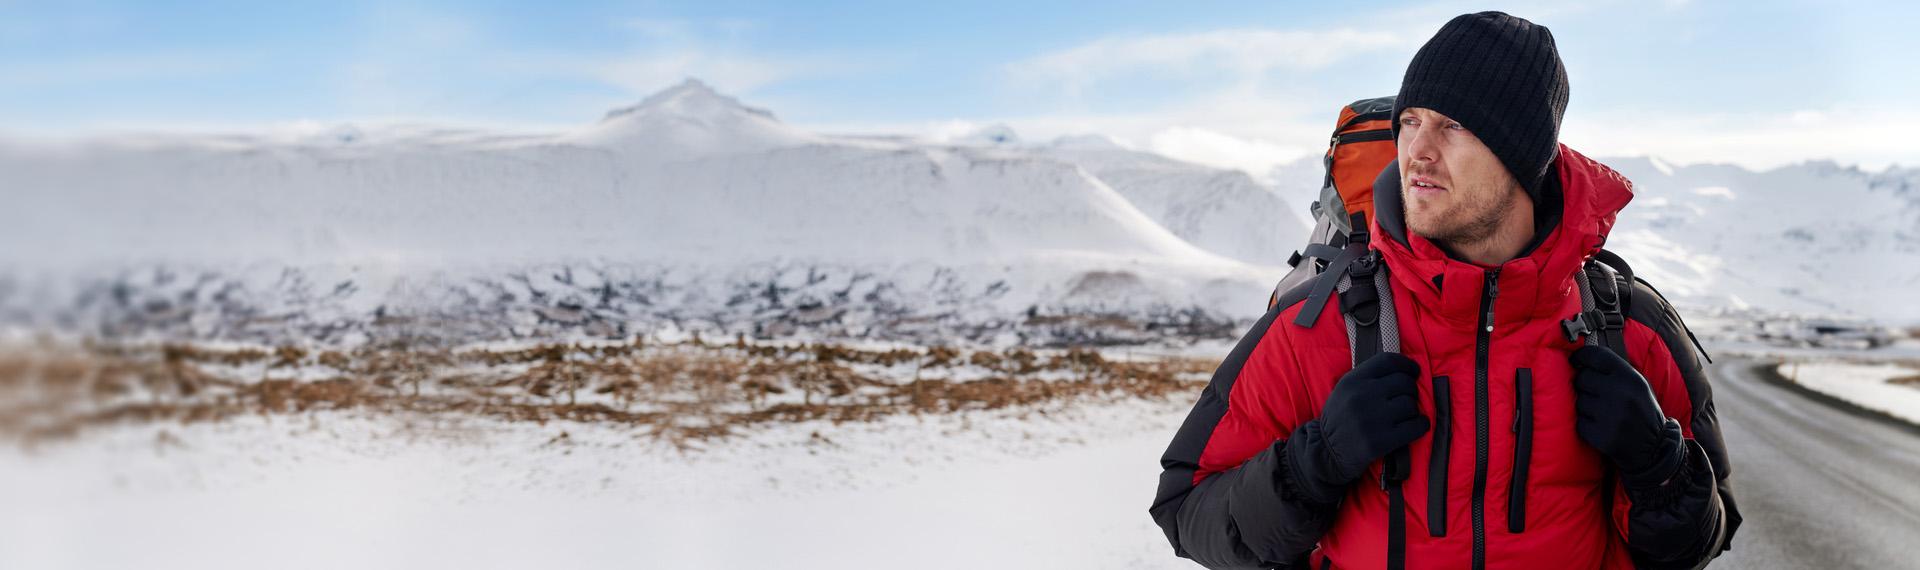 Sportswear Wanderer Winter